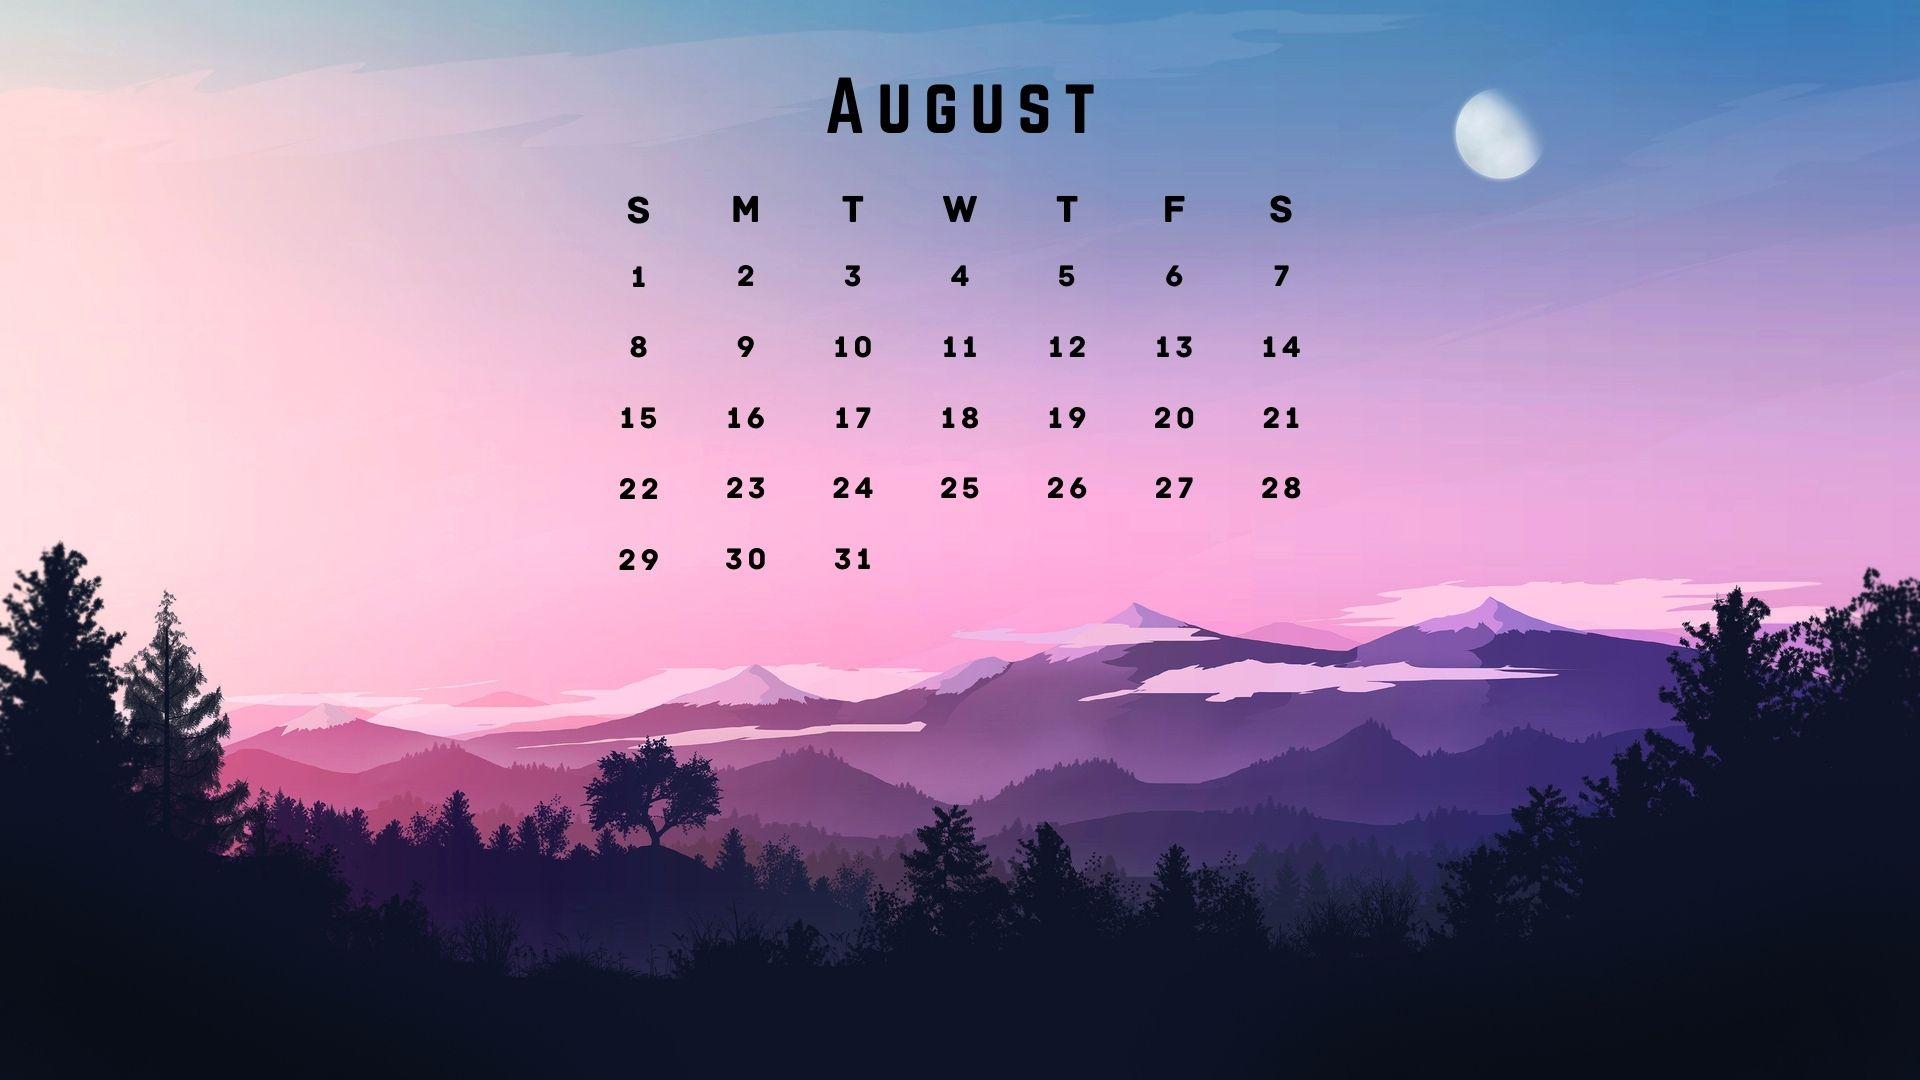 August 2021 Nature Calendar Wallpaper